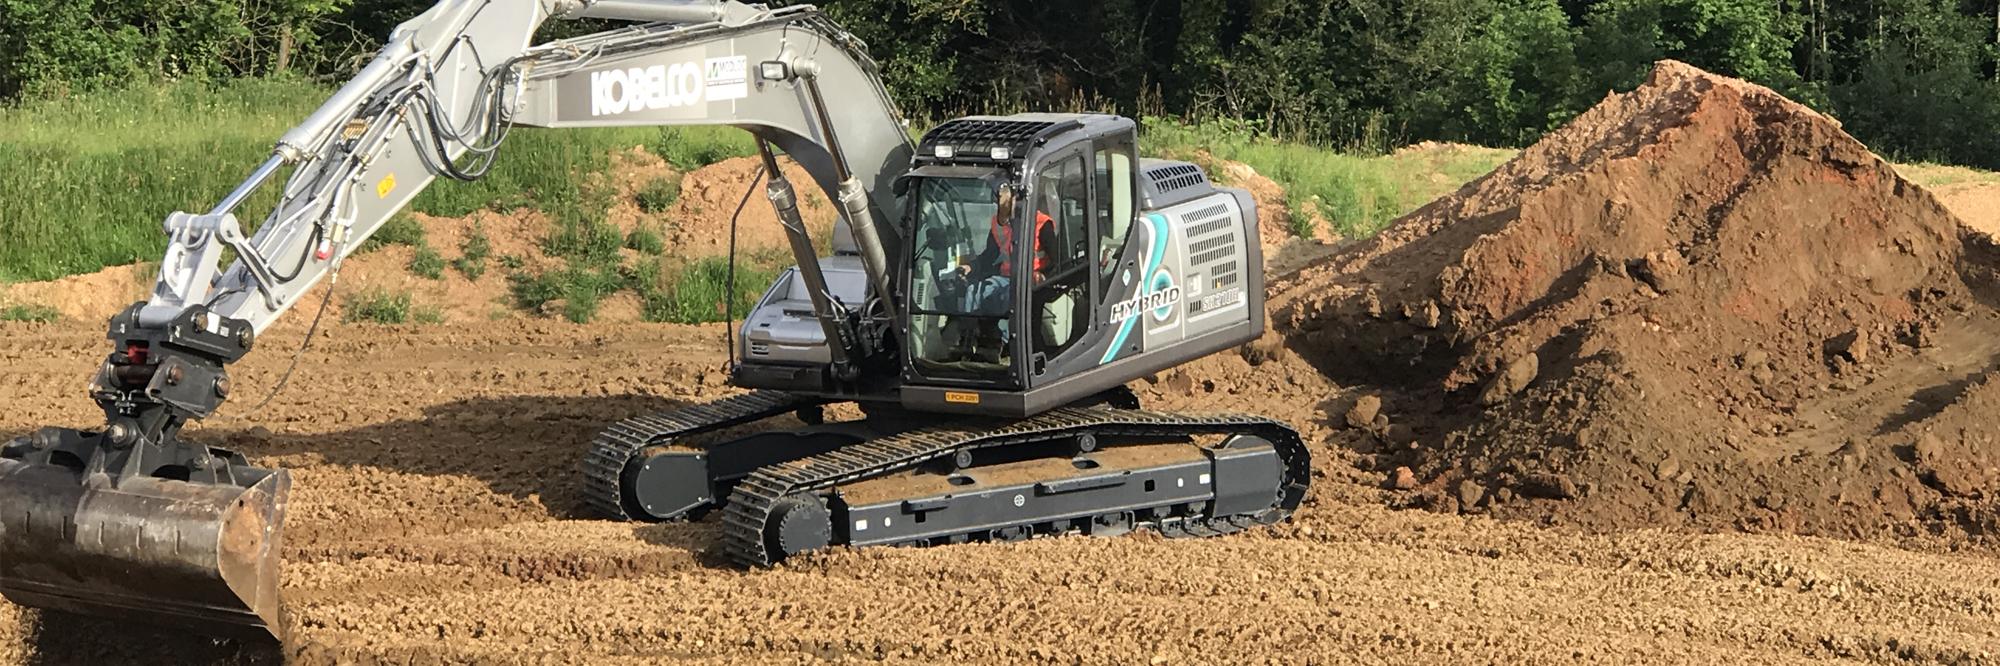 Kobelco: Intermat, nuova generazione di escavatori HYbrid_France